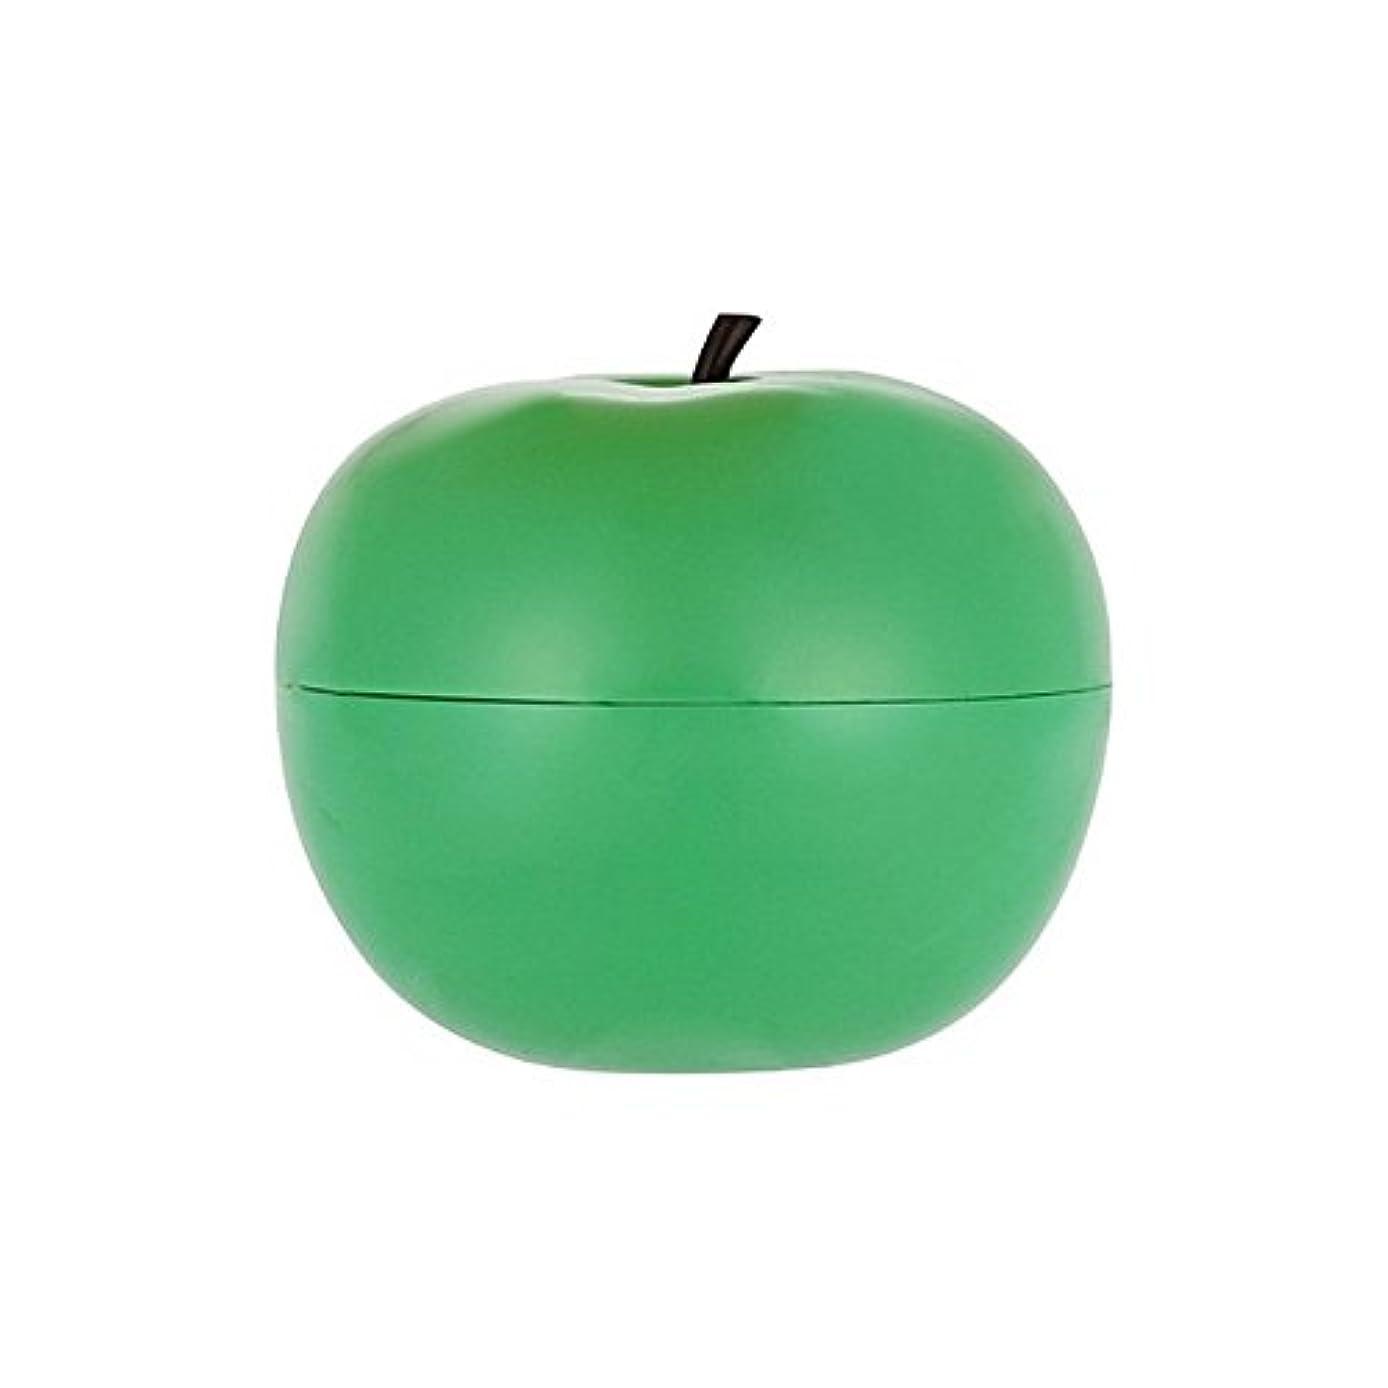 溝継続中キートニーモリースムーズマッサージピーリングクリーム80グラム x4 - Tony Moly Appletox Smooth Massage Peeling Cream 80G (Pack of 4) [並行輸入品]